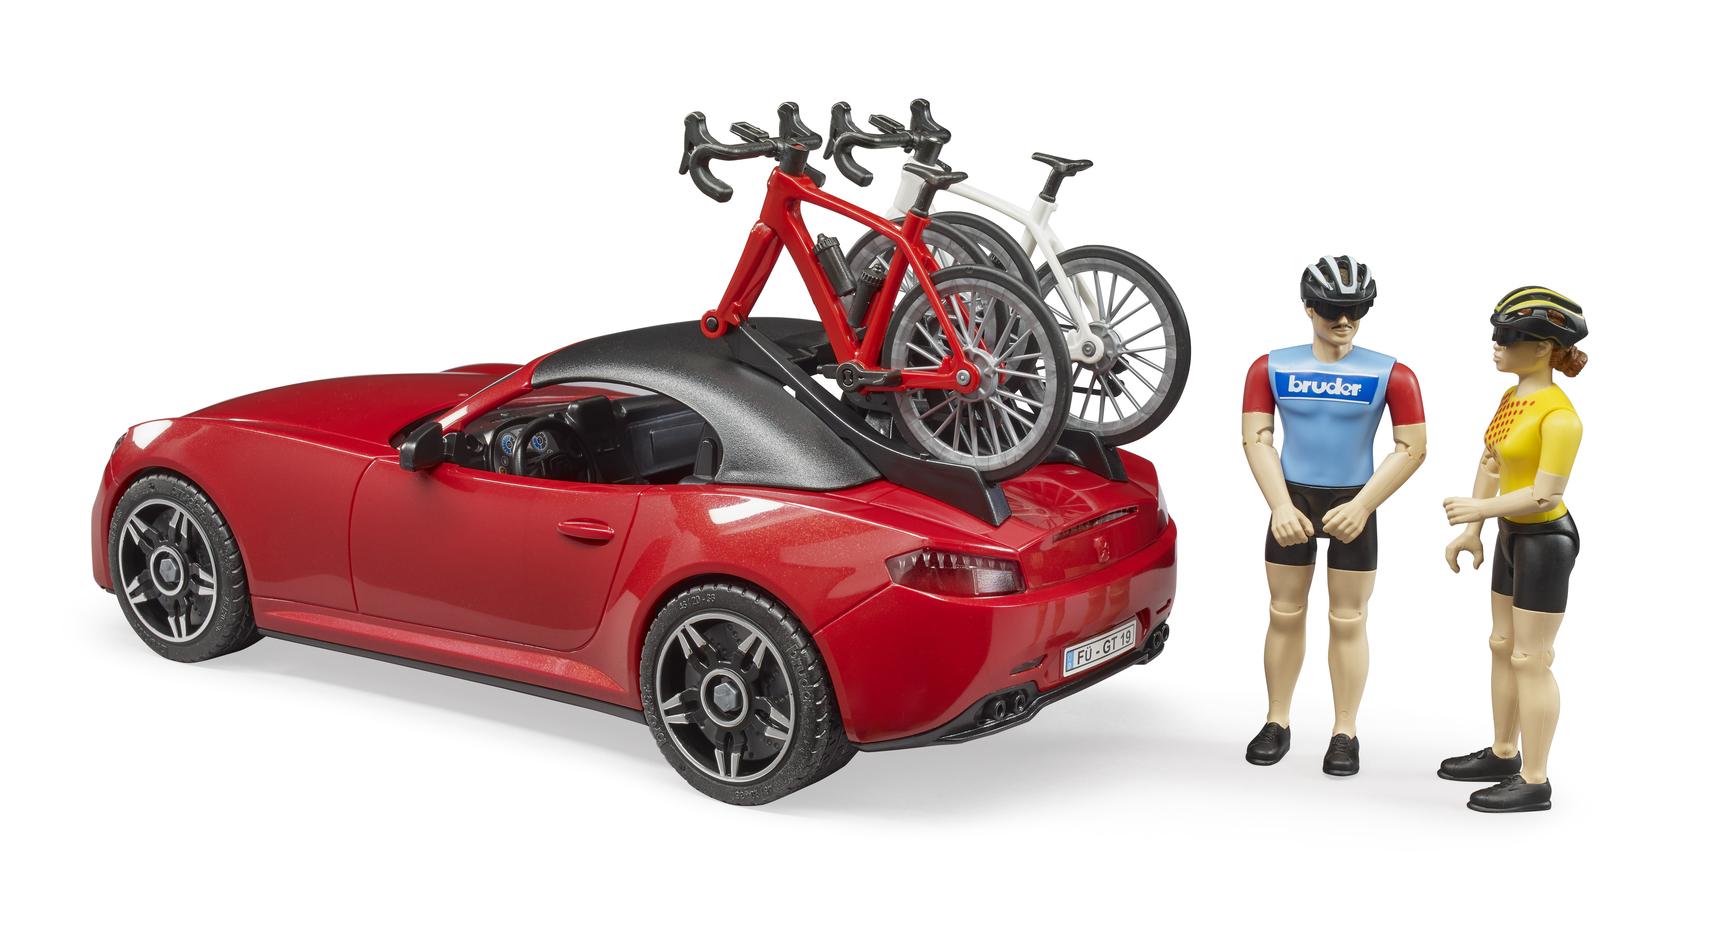 Спортивный автомобиль Roadster с фигуркой и велосипедом Bruder 03-485